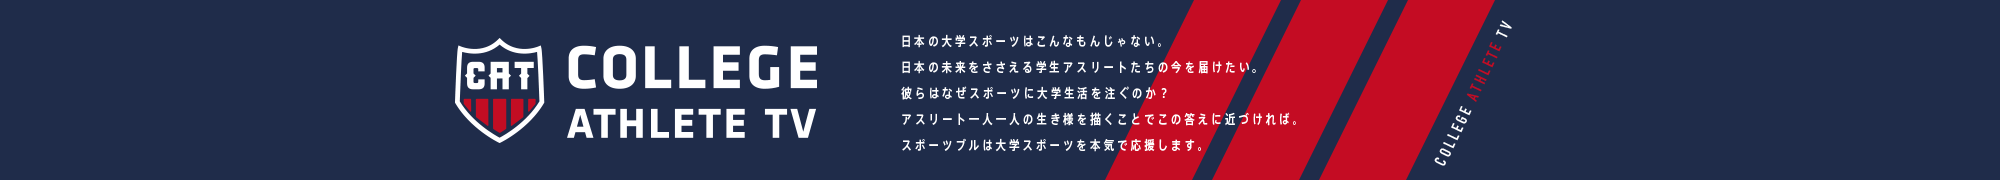 日本学生氷上選手権(以下、インカレ)が栃木県日光市で開幕し、初日の男子は500メートル、1500メートル、1万メートルが行われた。各種目15位以上に与えられるポイント合計で争われる…